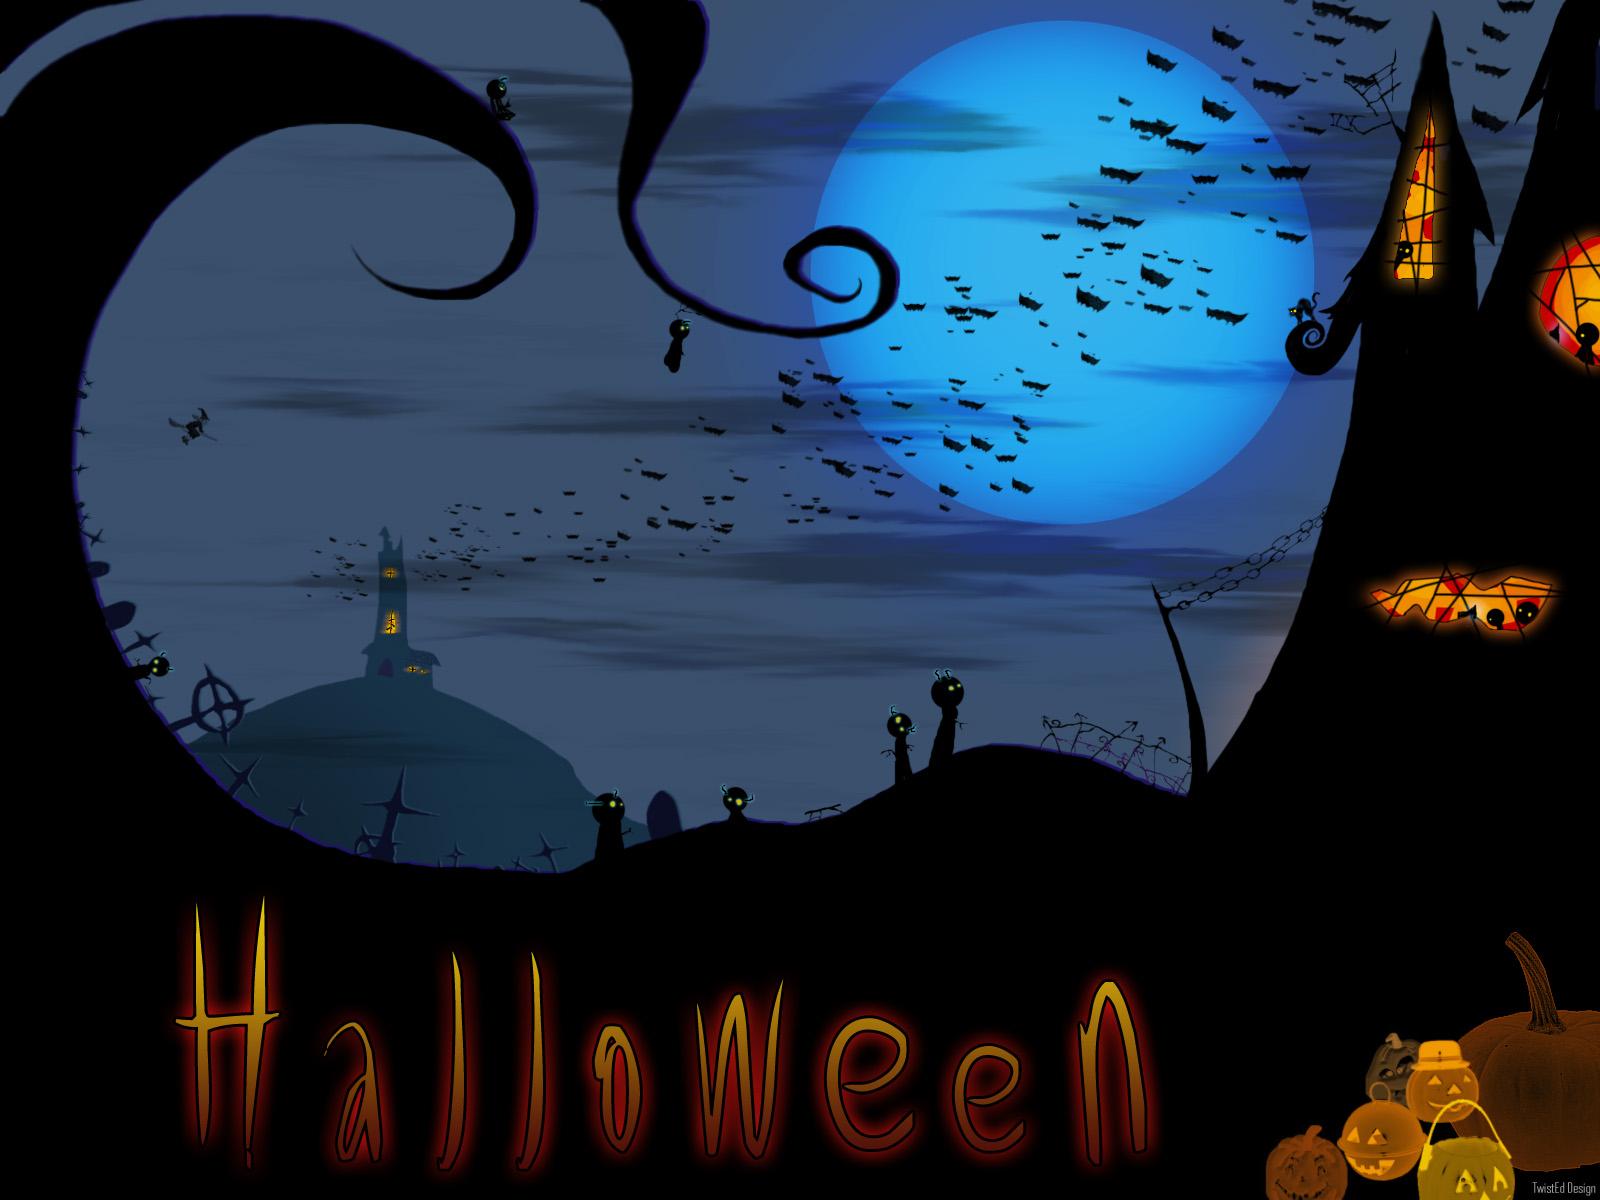 30 Scary Halloween Desktop Wallpapers Best Design 1600x1200